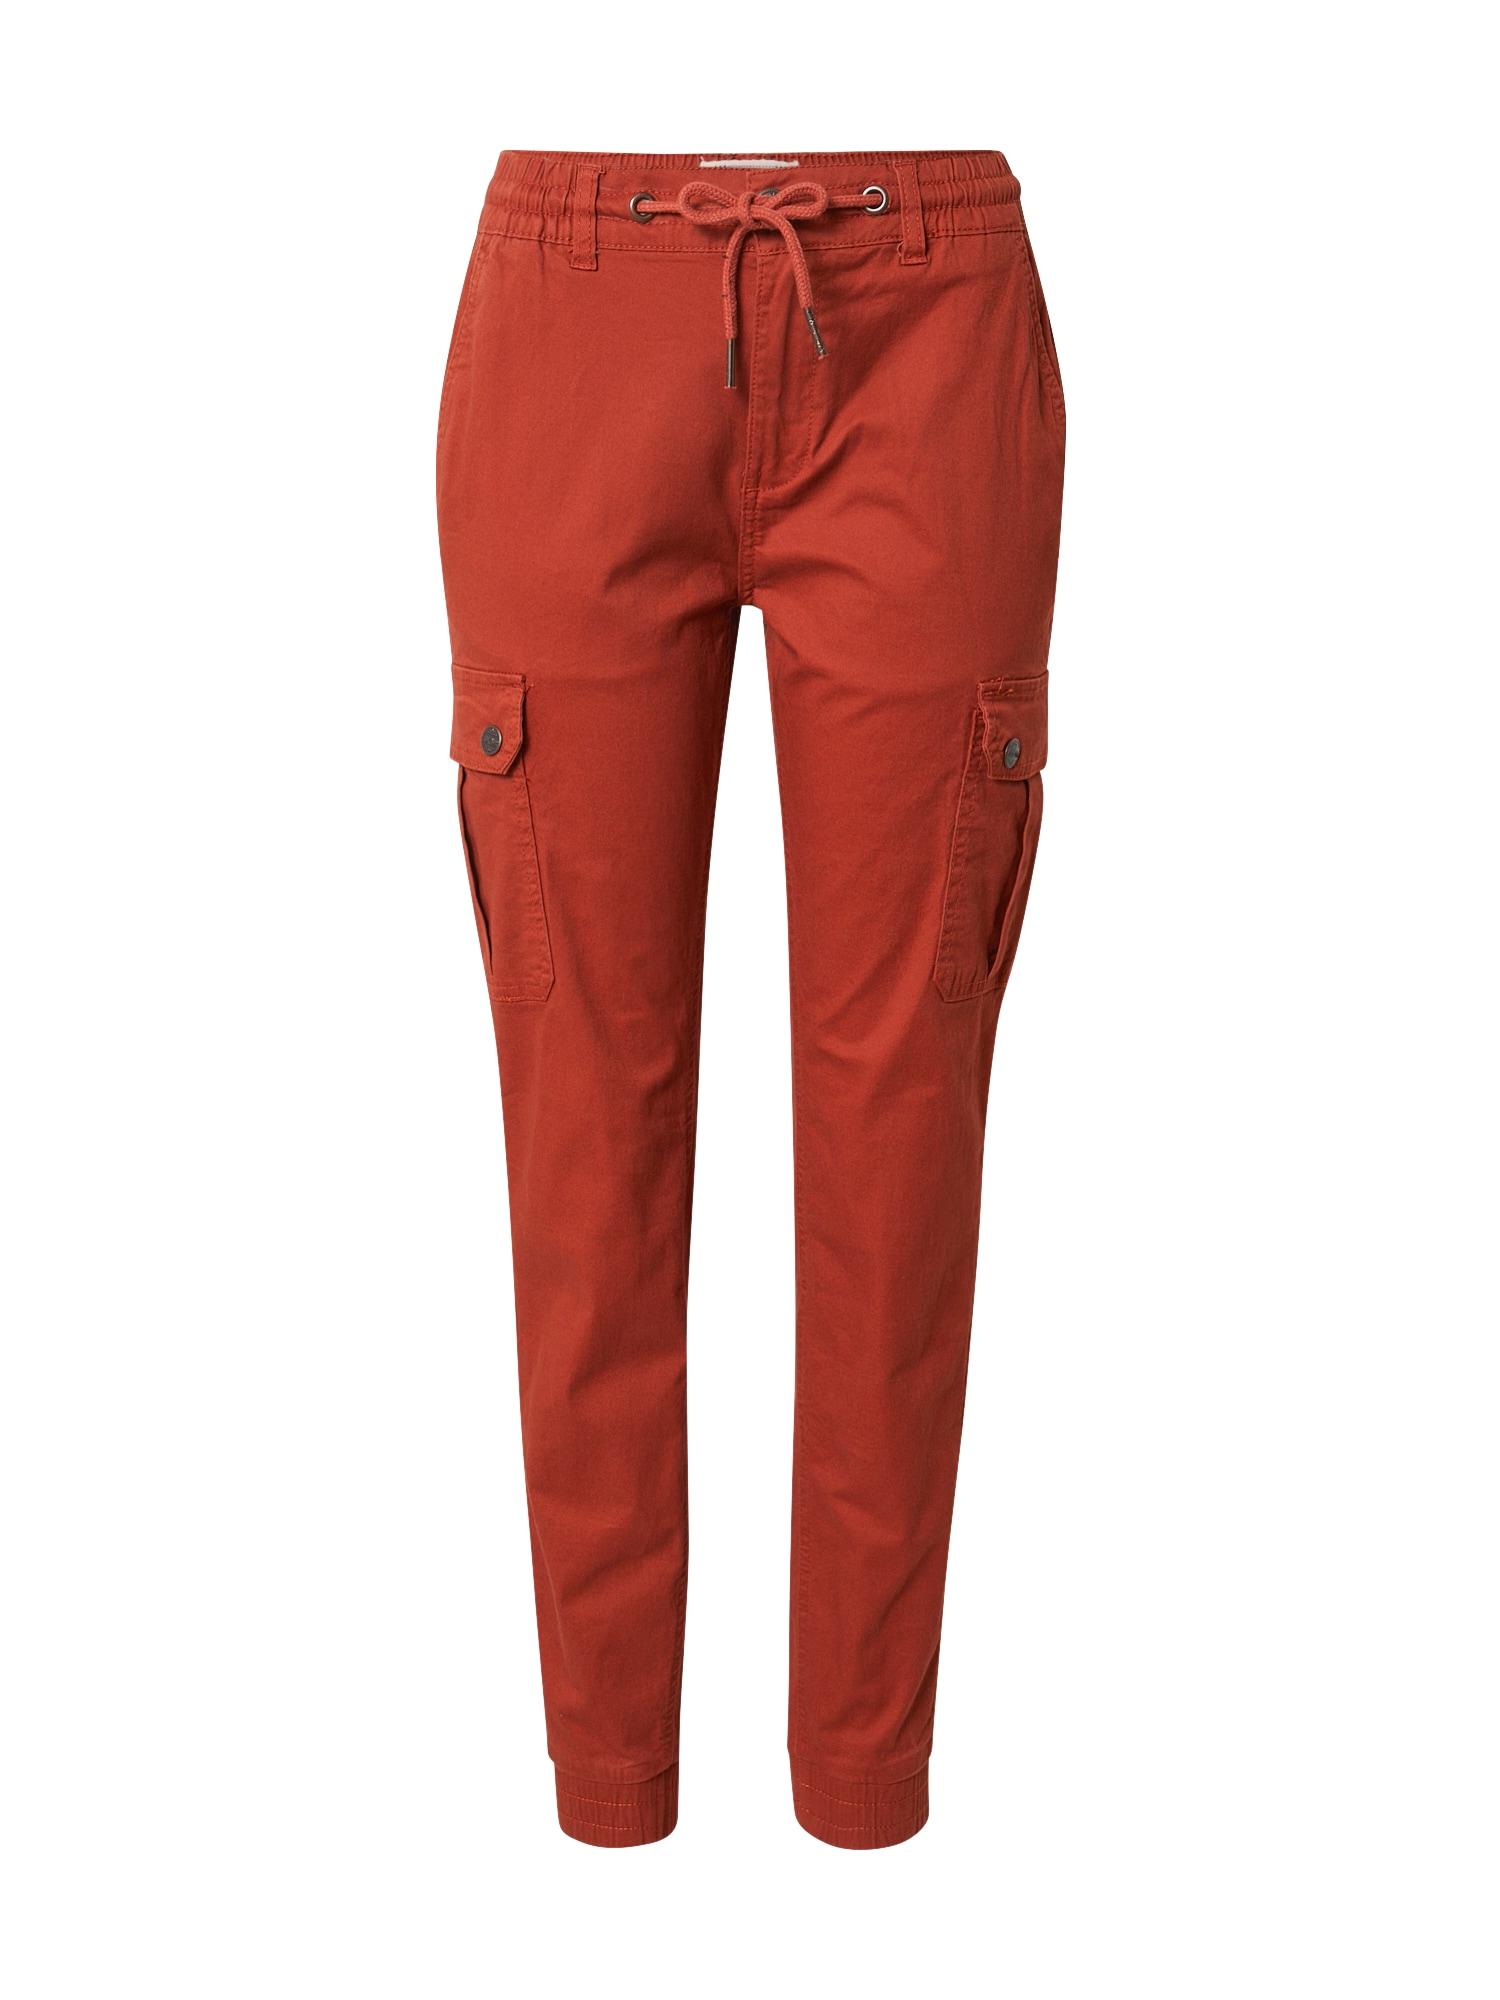 Eight2Nine Laisvo stiliaus kelnės tamsiai oranžinė